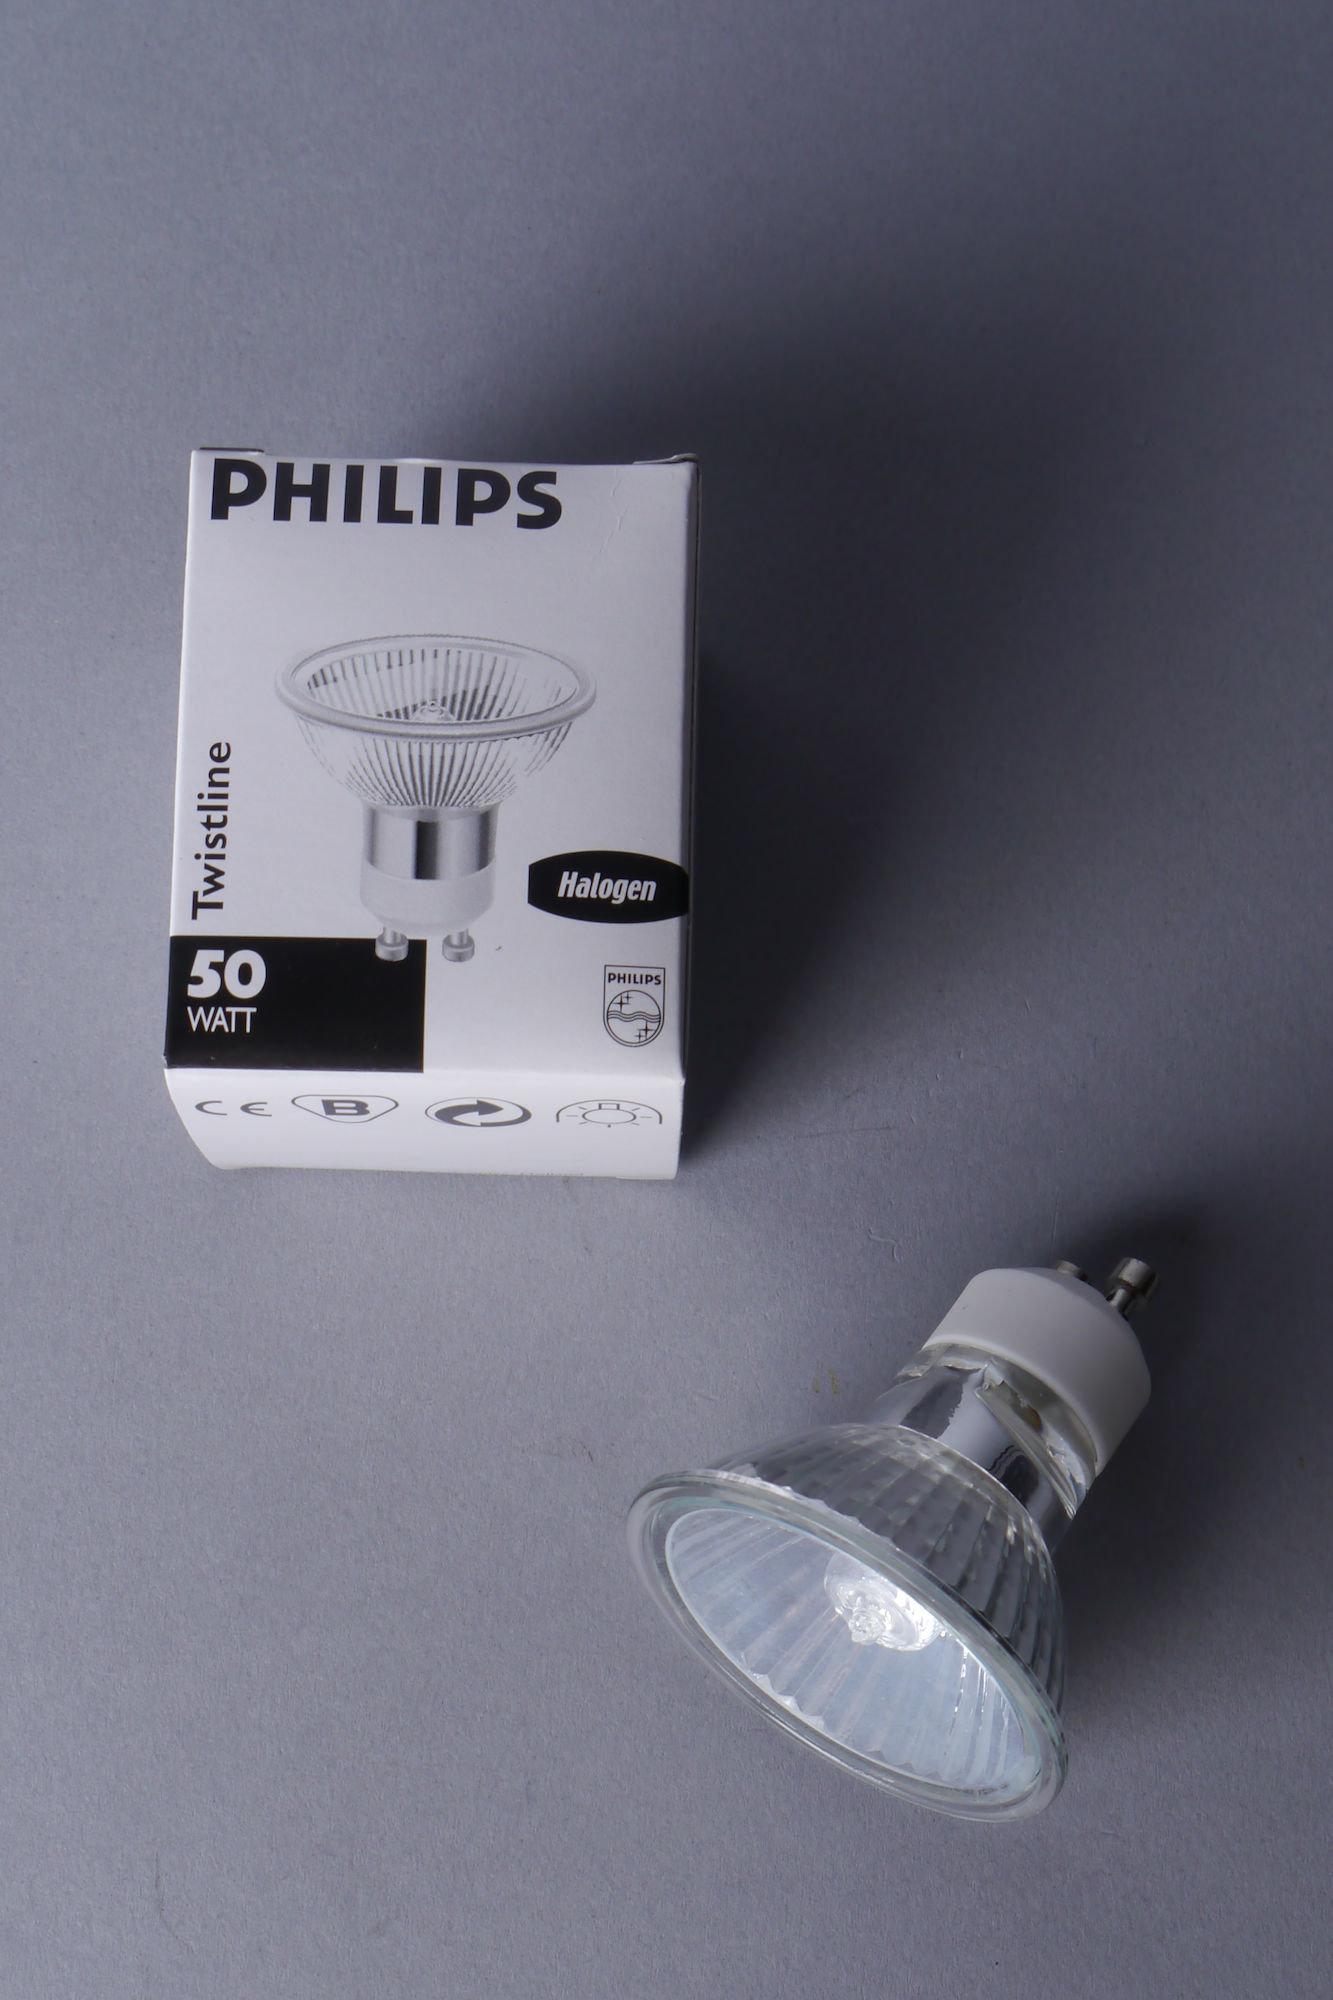 Halogeenlamp van het merk Philips